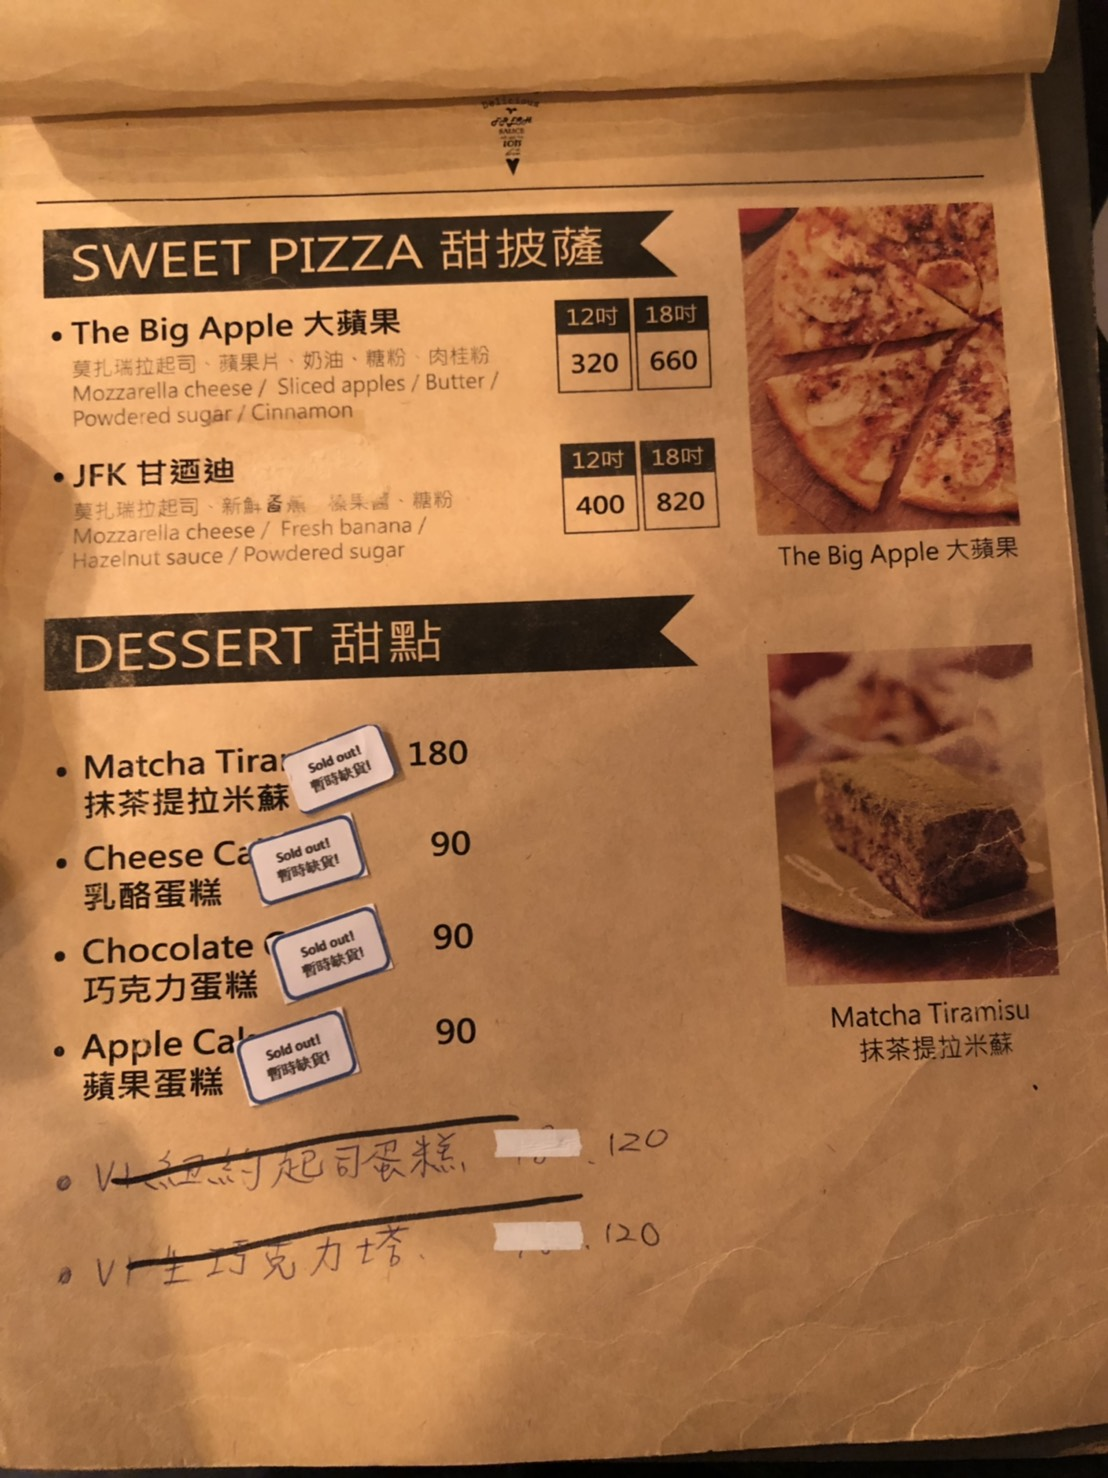 小紐約披薩 菜單7